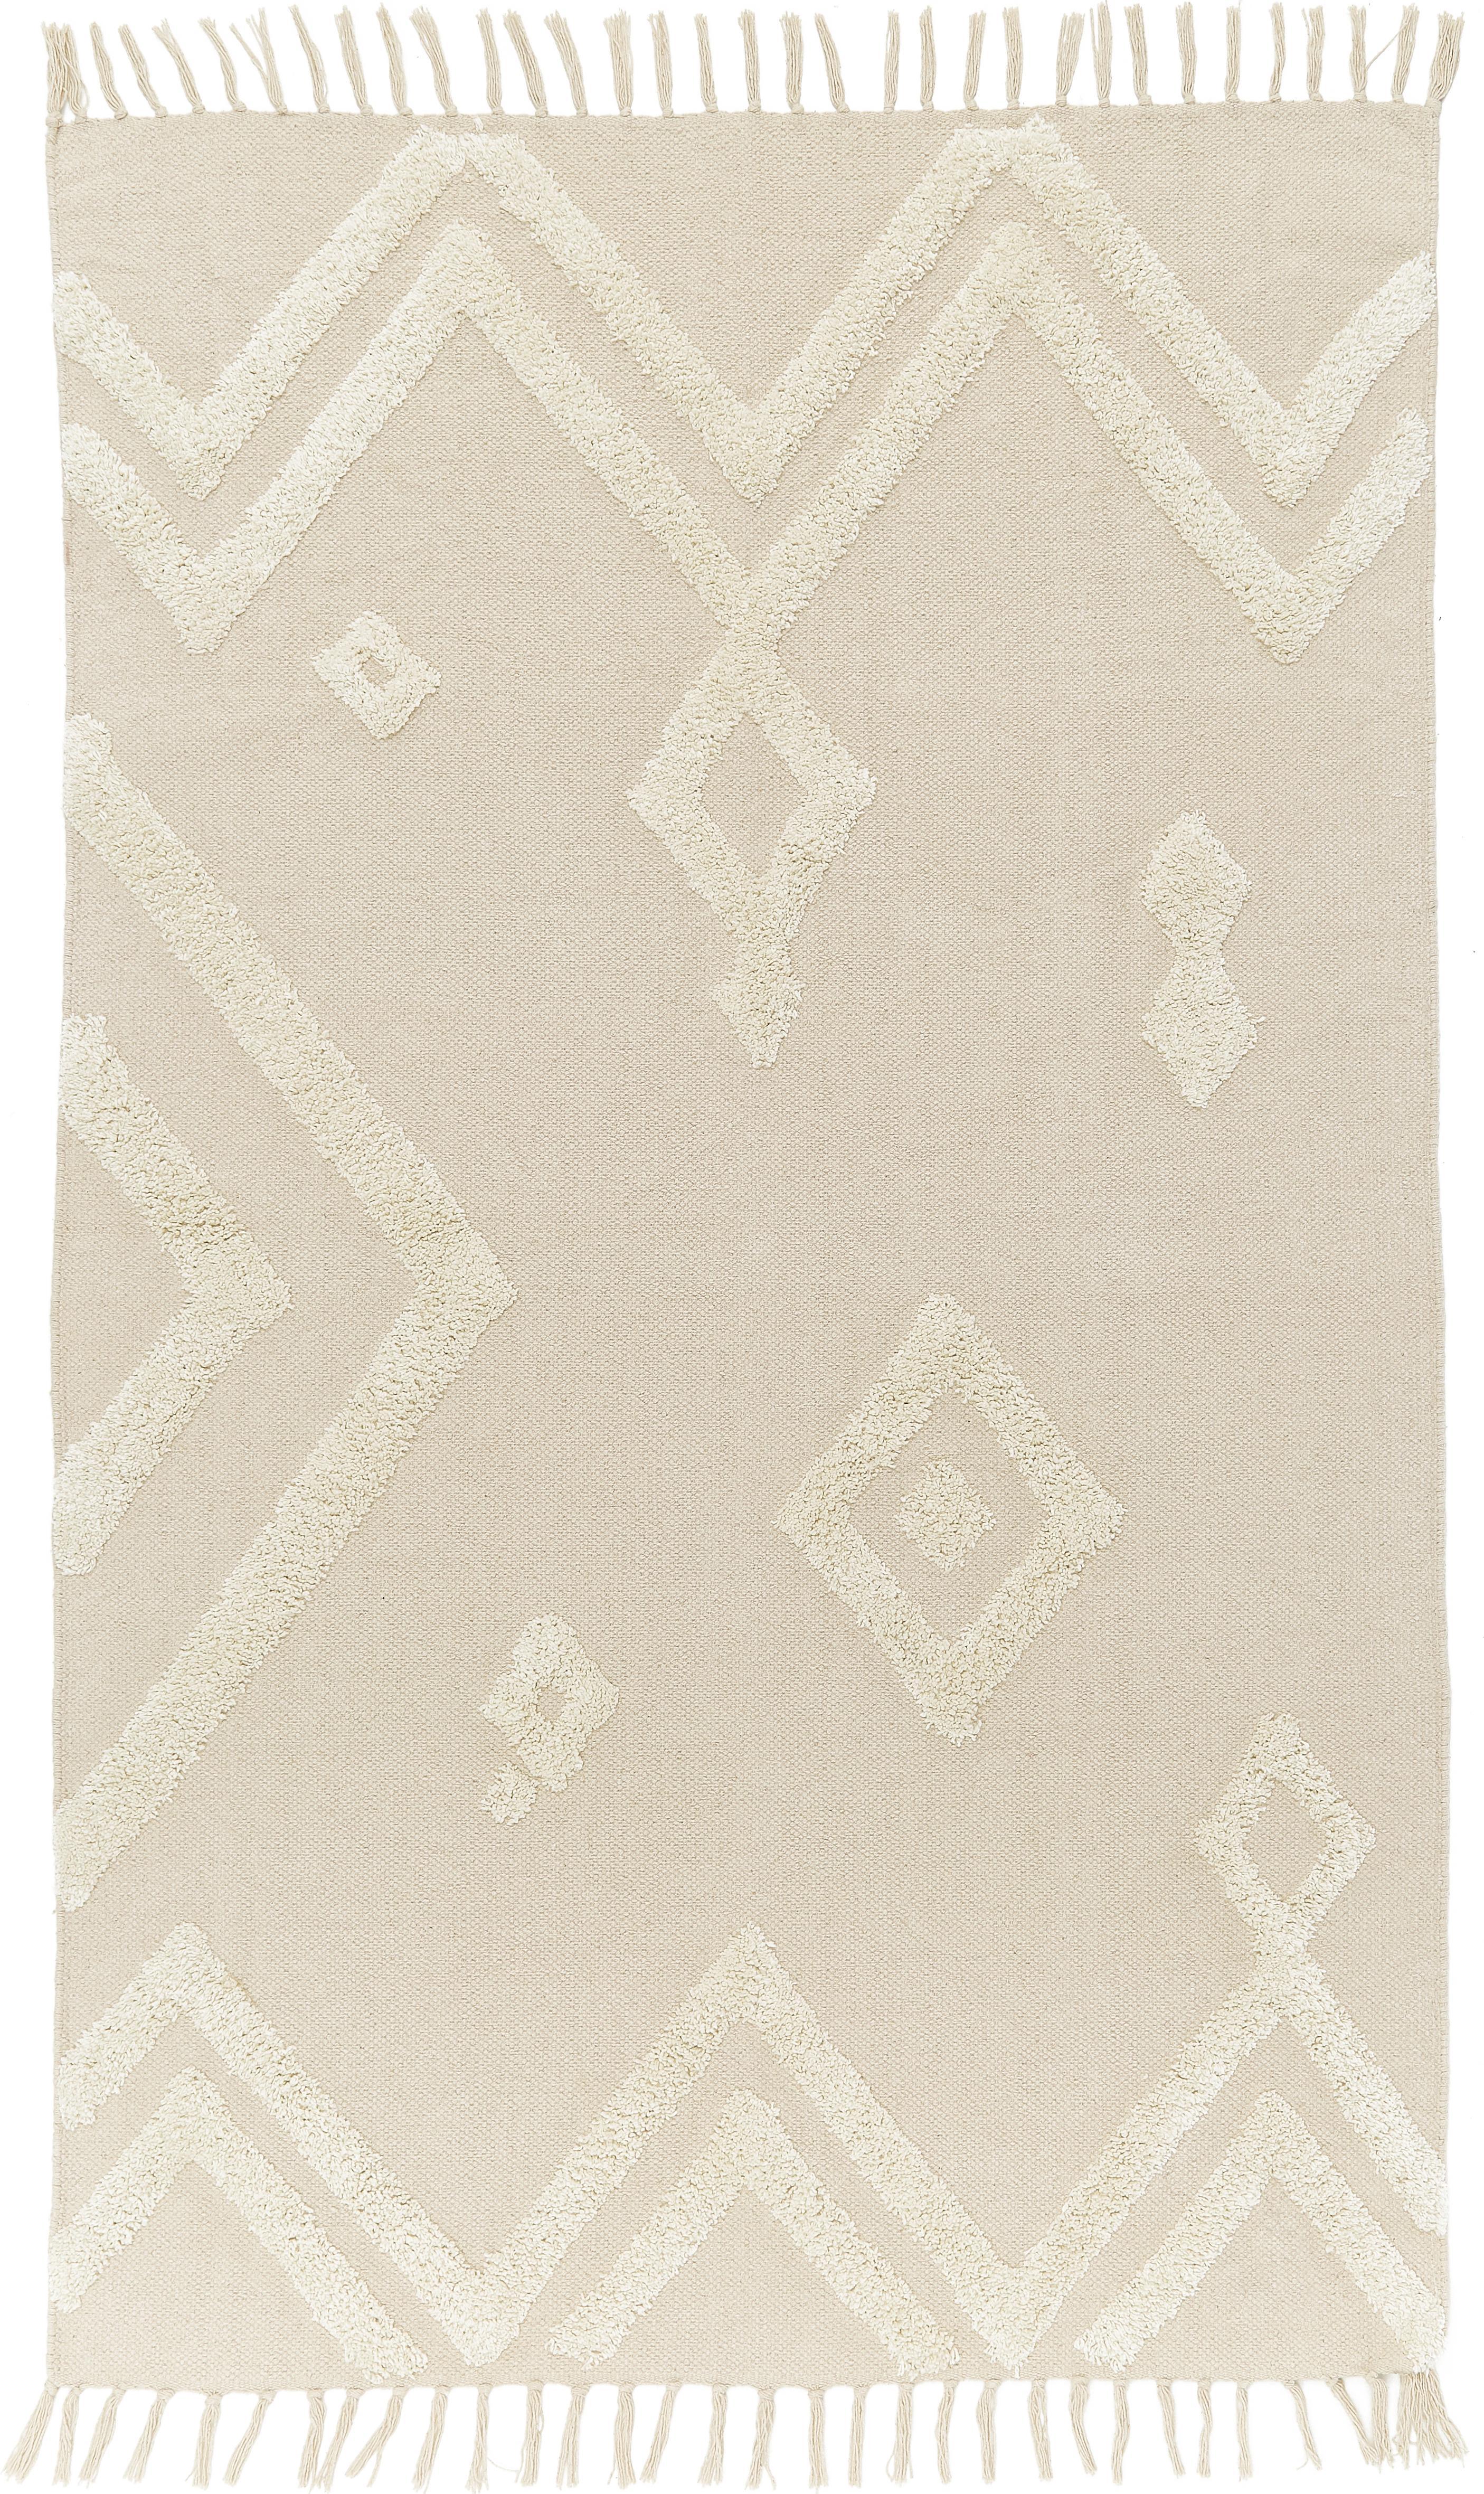 Tappeto con decori trapuntati Canvas, Cotone, Bianco latteo, Larg. 150 x Lung. 200 cm